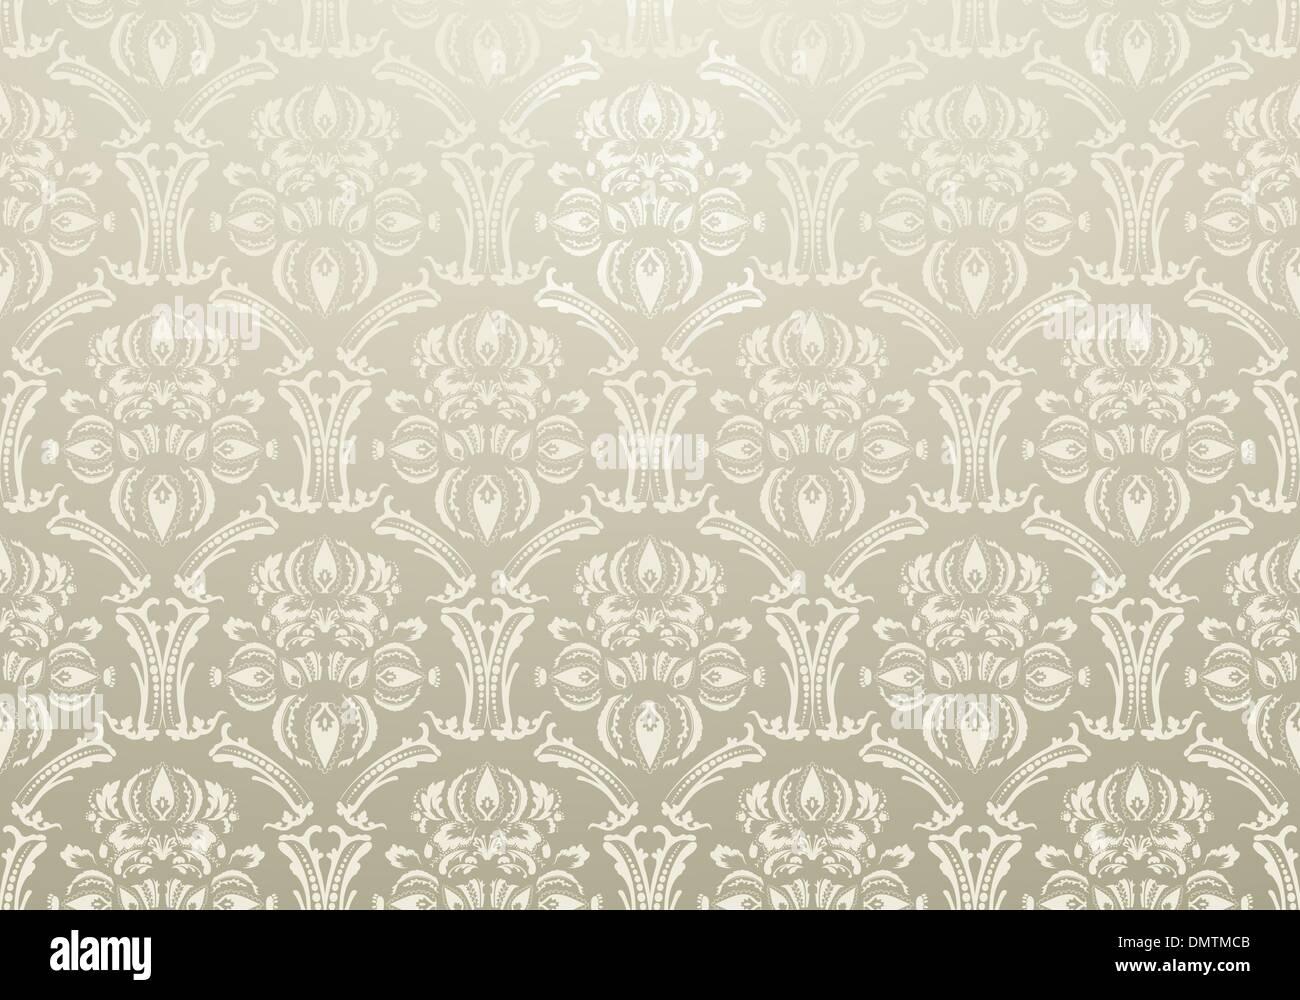 Carta da parati tessili ornamento warm grey Immagini Stock